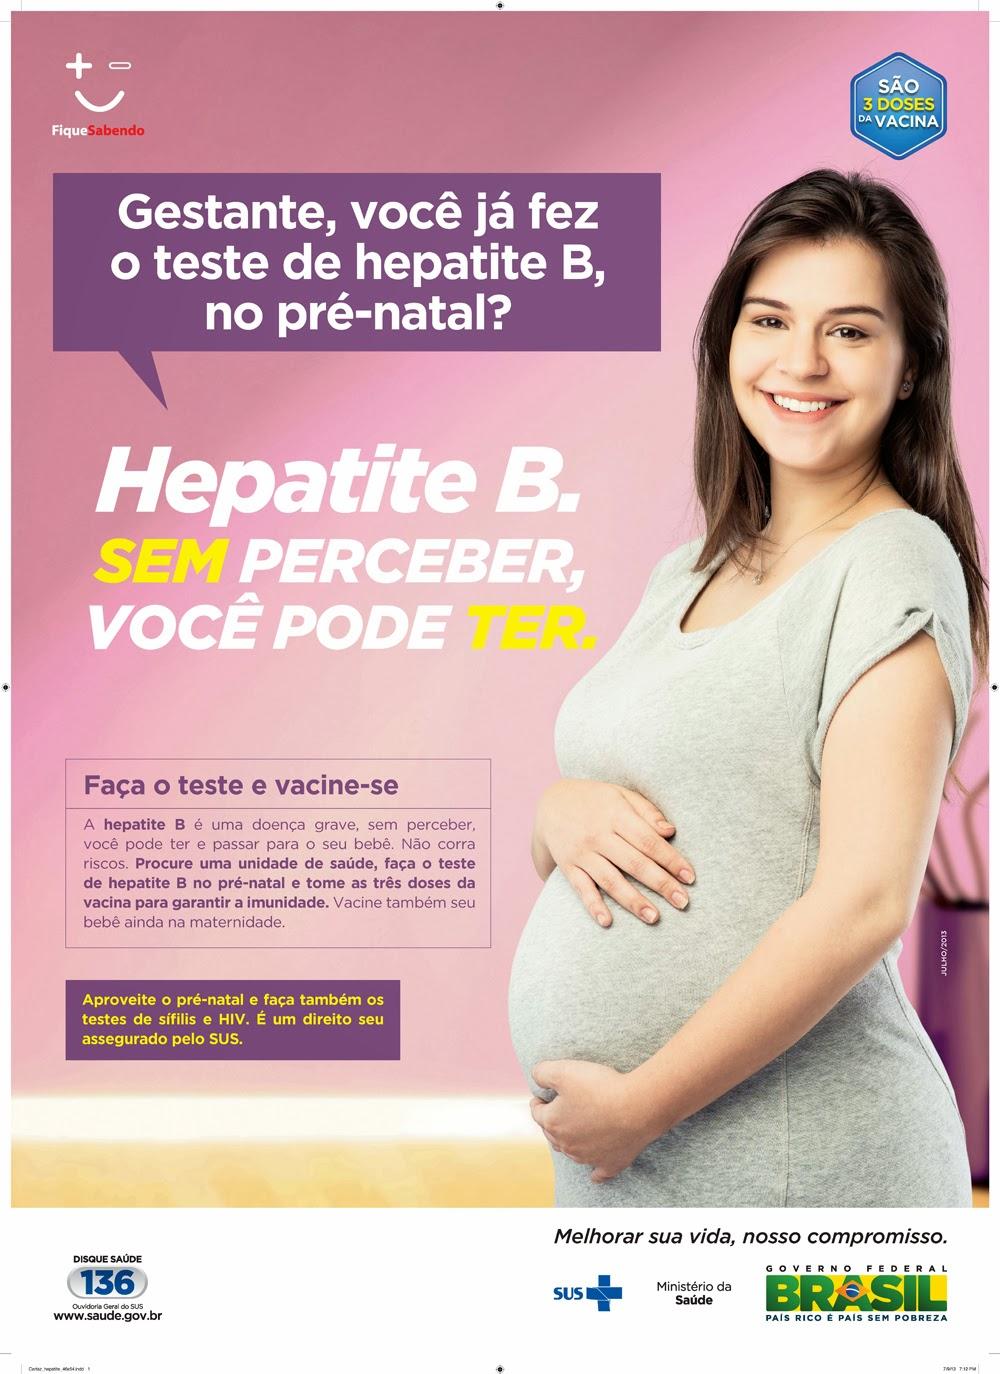 HEPATITE B GESTANTE